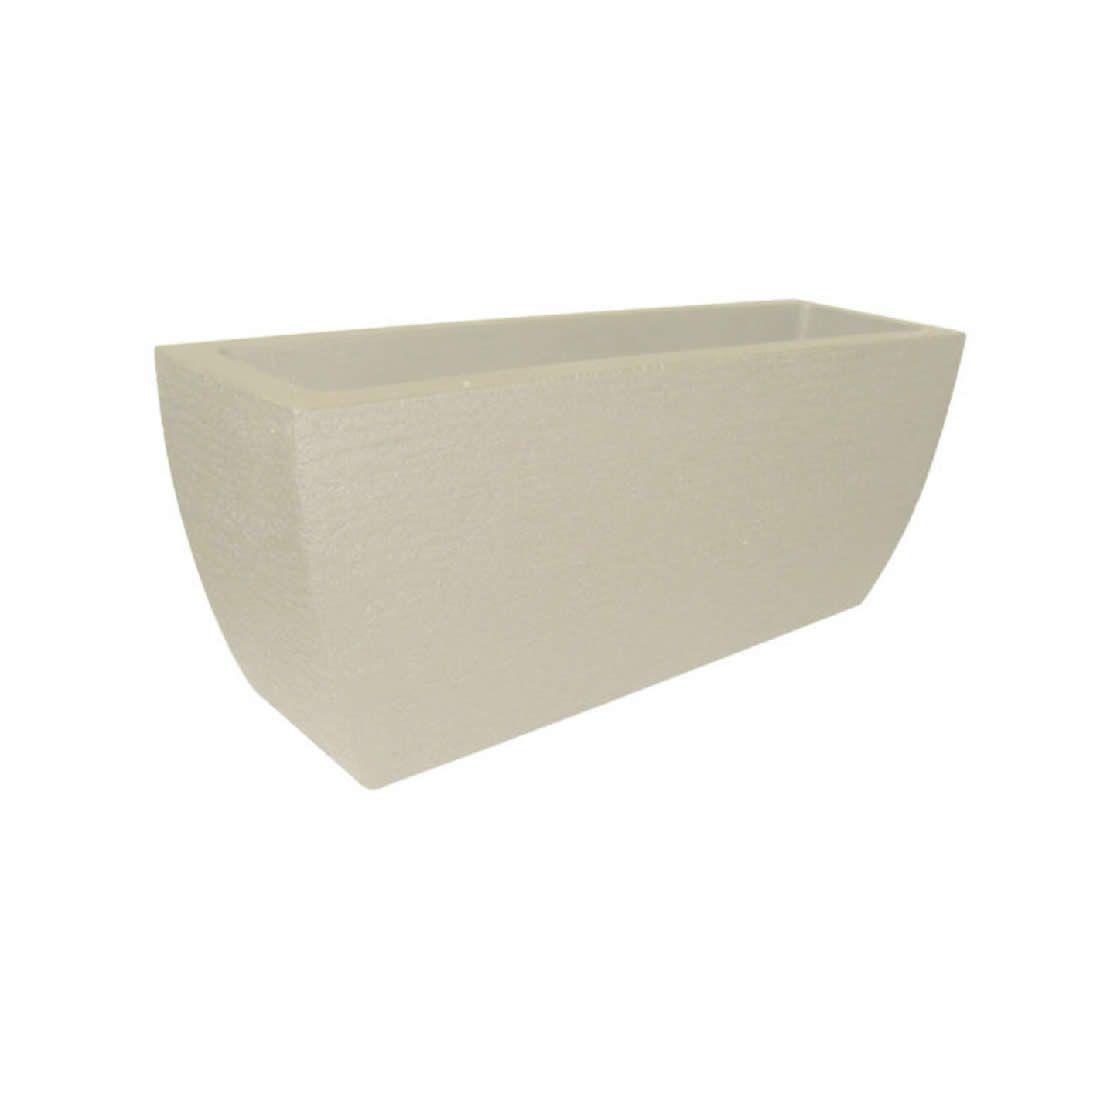 Vaso Para Planta Parede Mod 50 Cimento - Japi